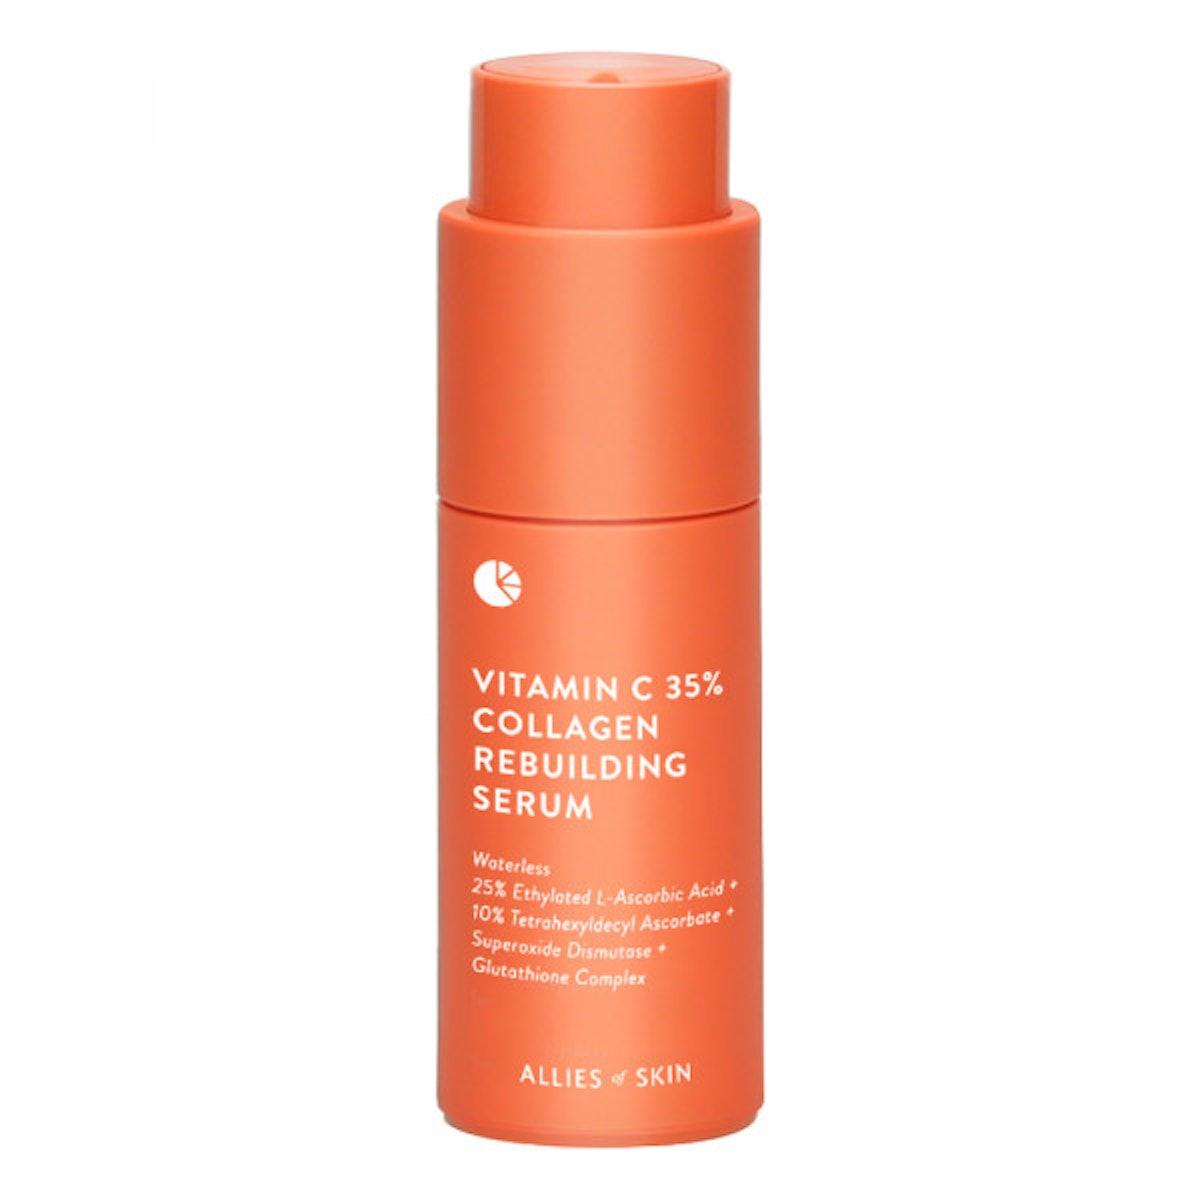 Vitamin C 35% Collagen Rebuilding Serum